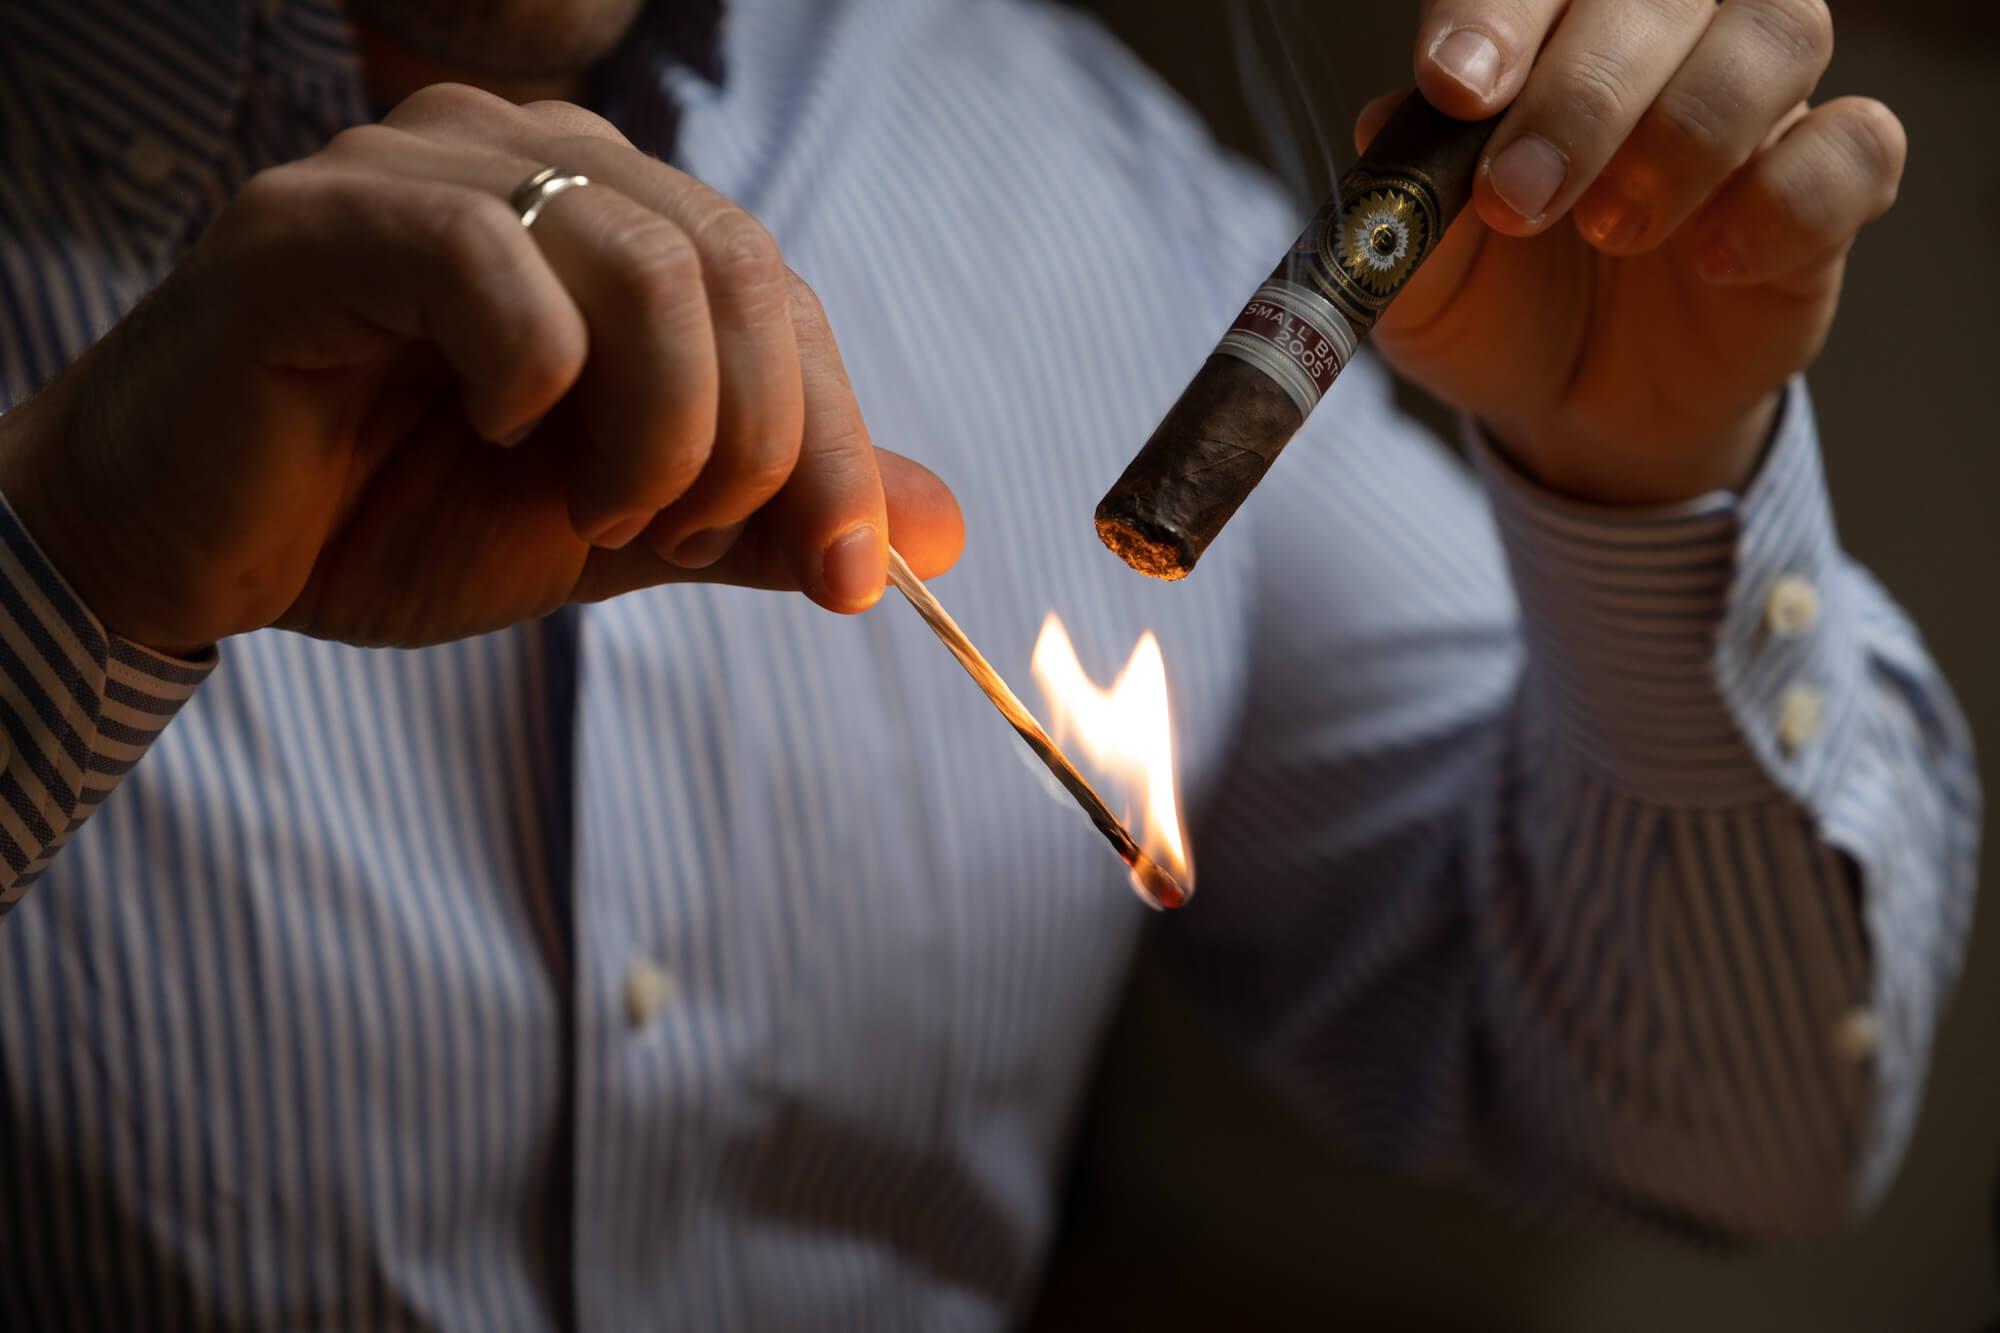 rozpalanie cygara zapałkami